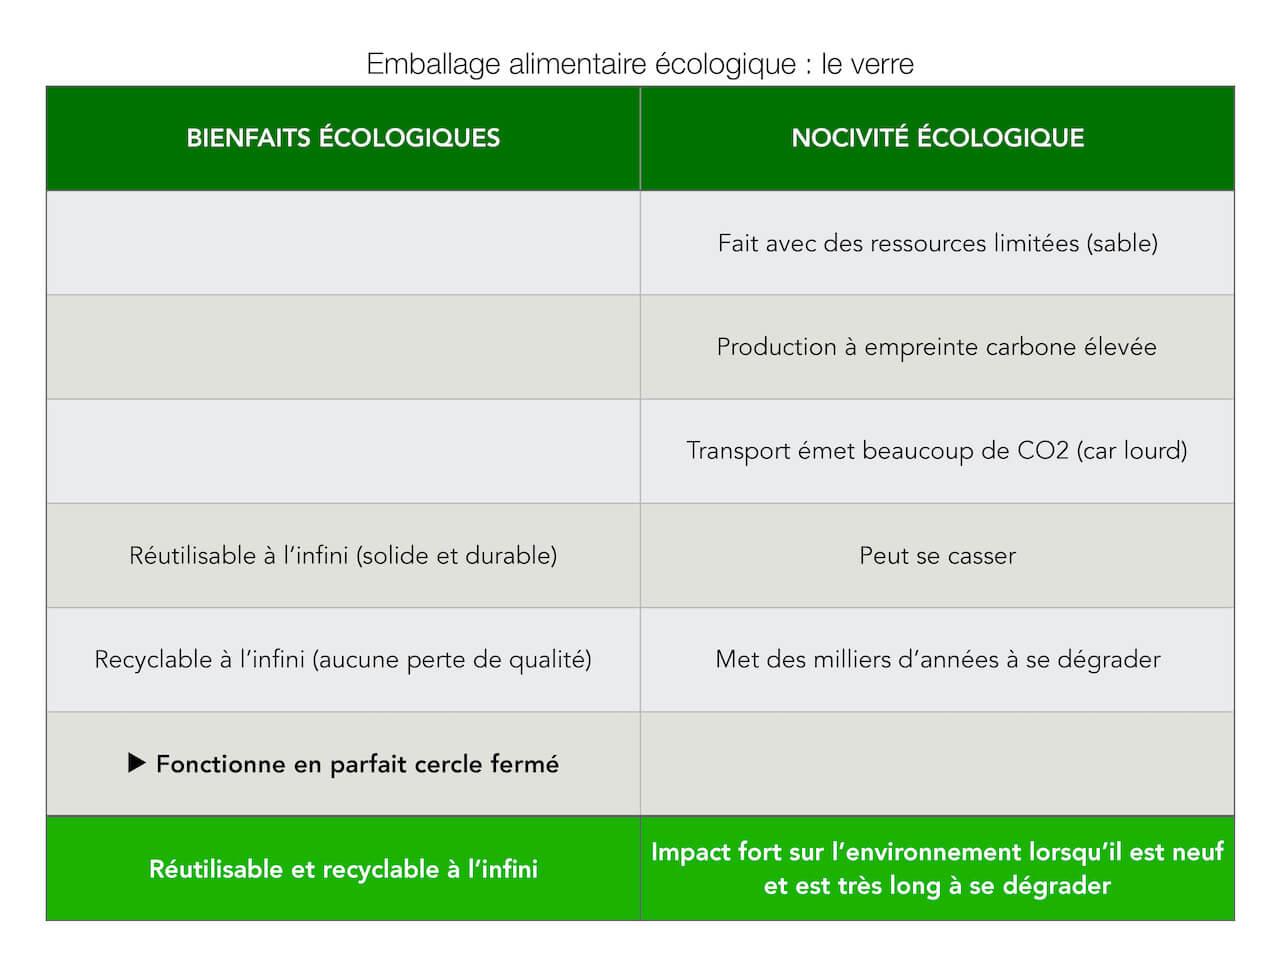 Comparatif des avantages et inconvénients écologiques d'un emballage en verre